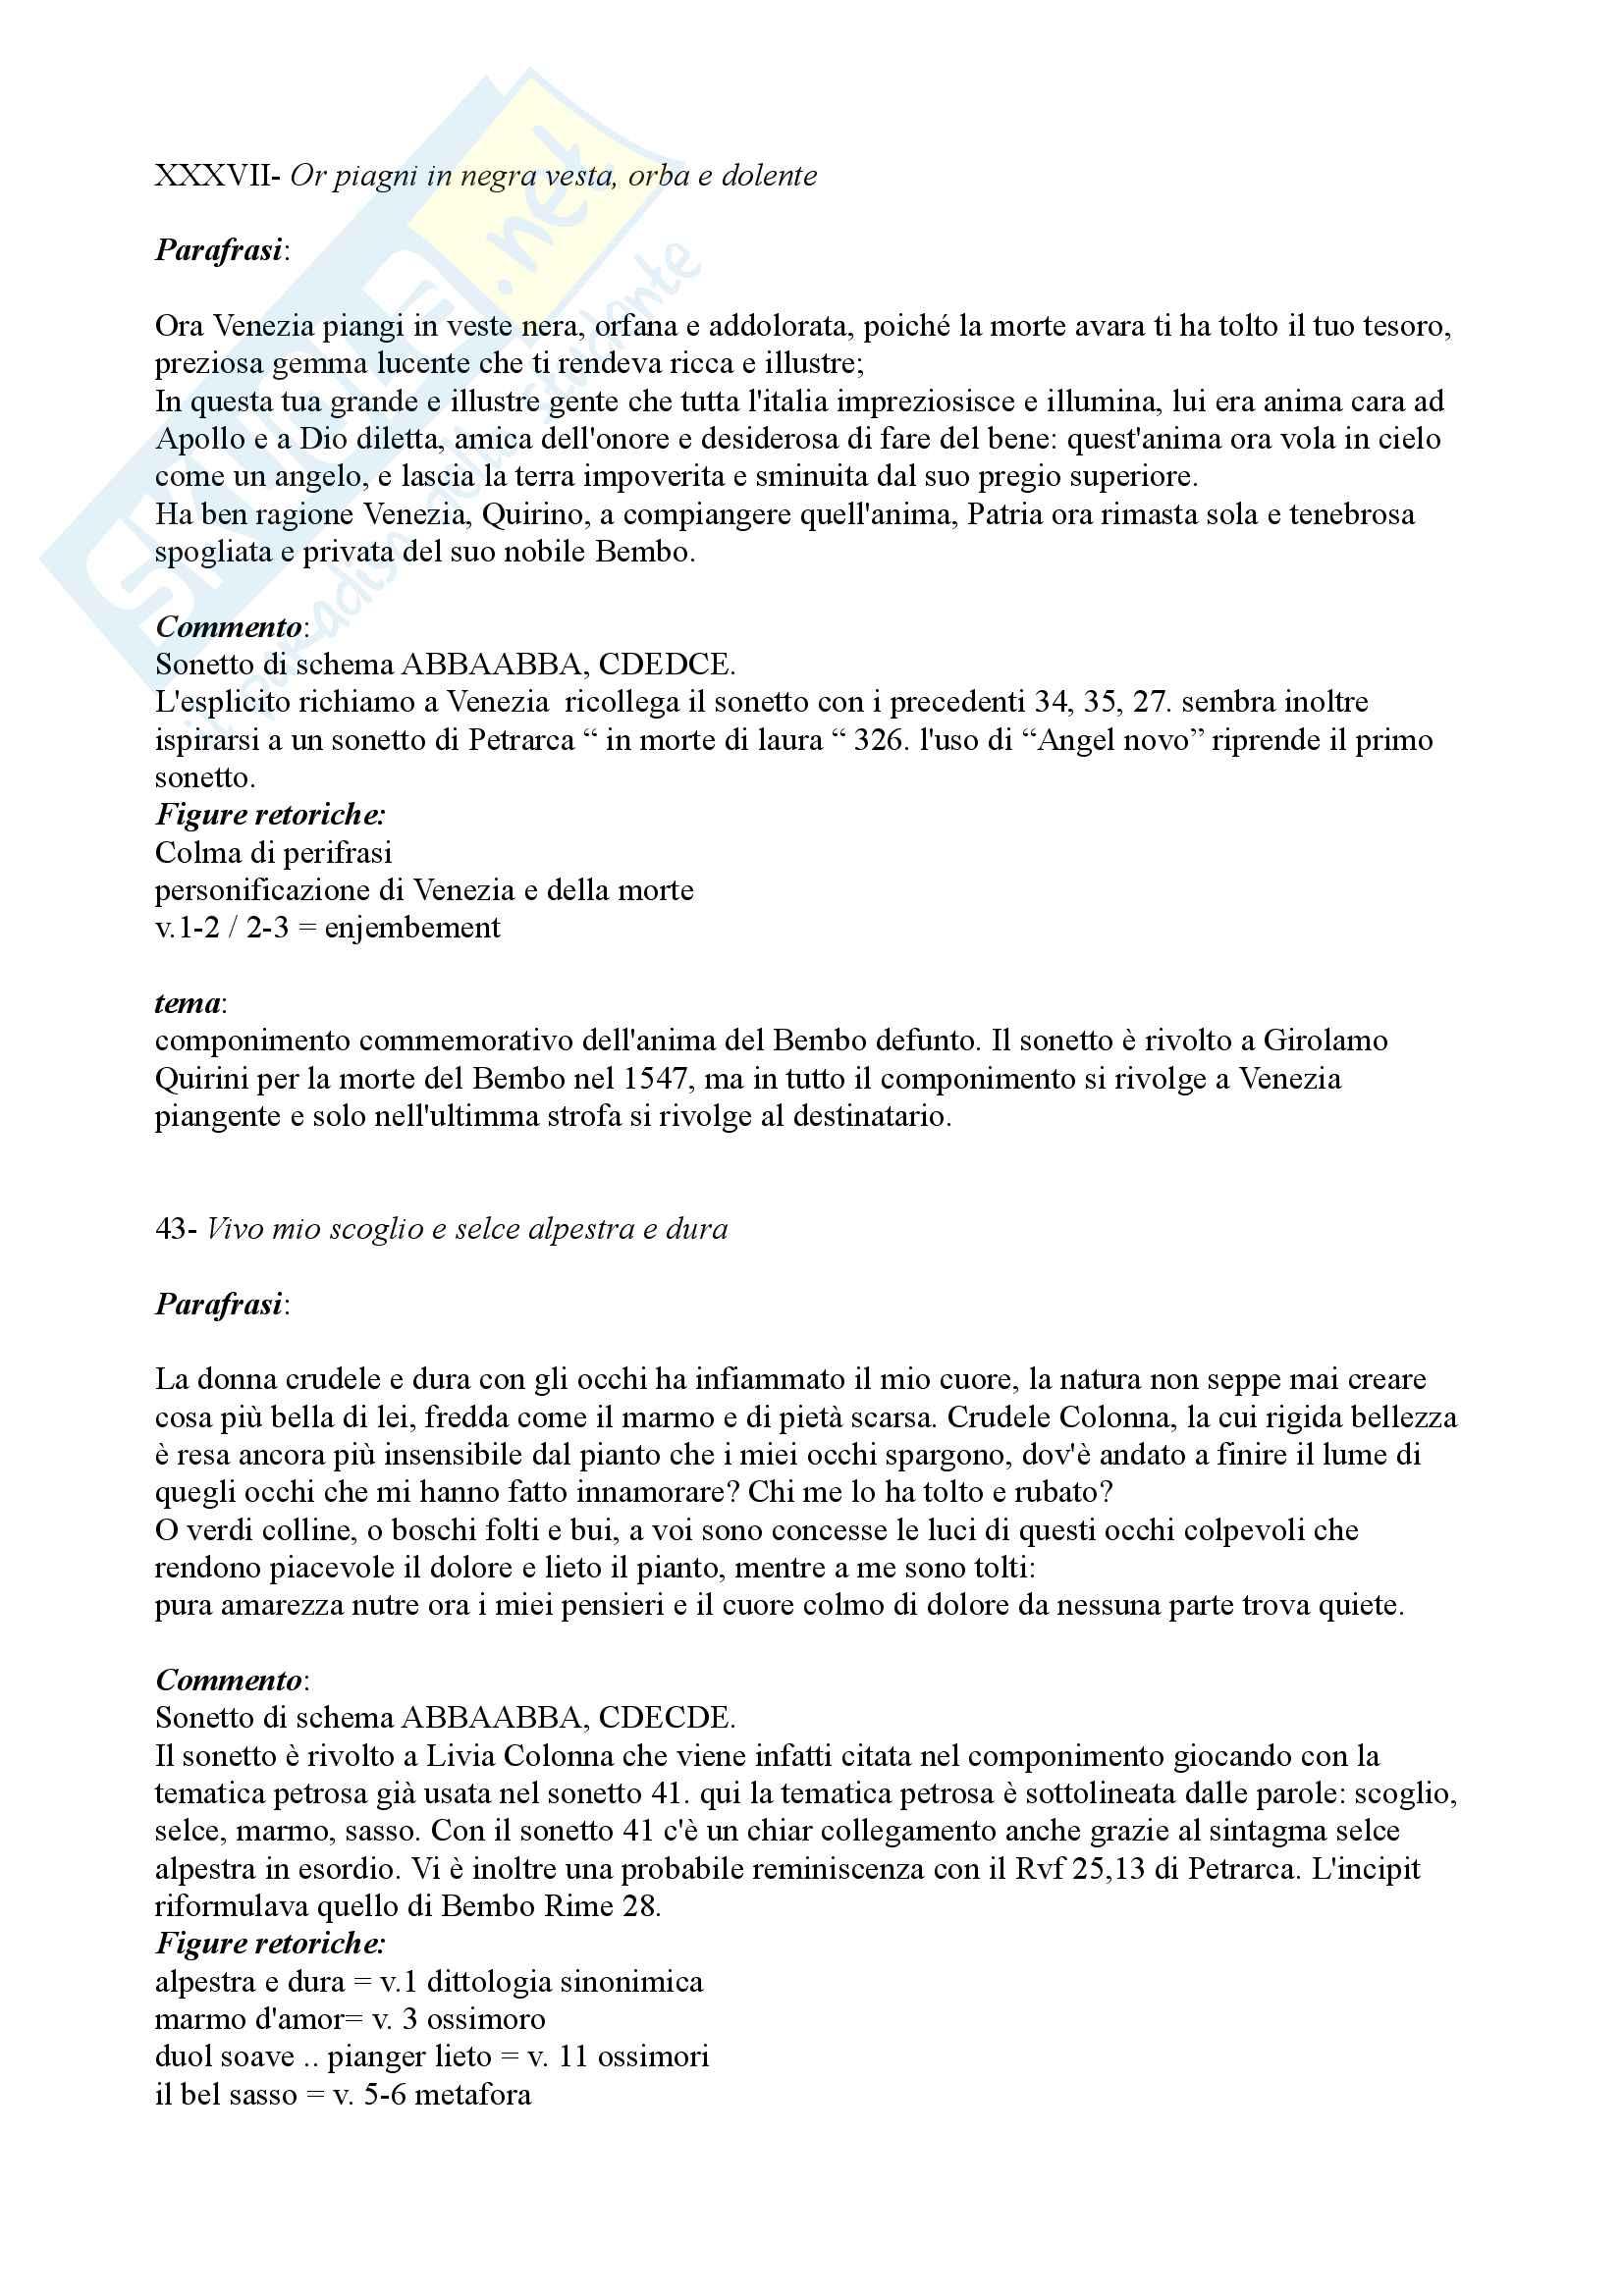 Parafrasi Giovanni Della Casa Pag. 6